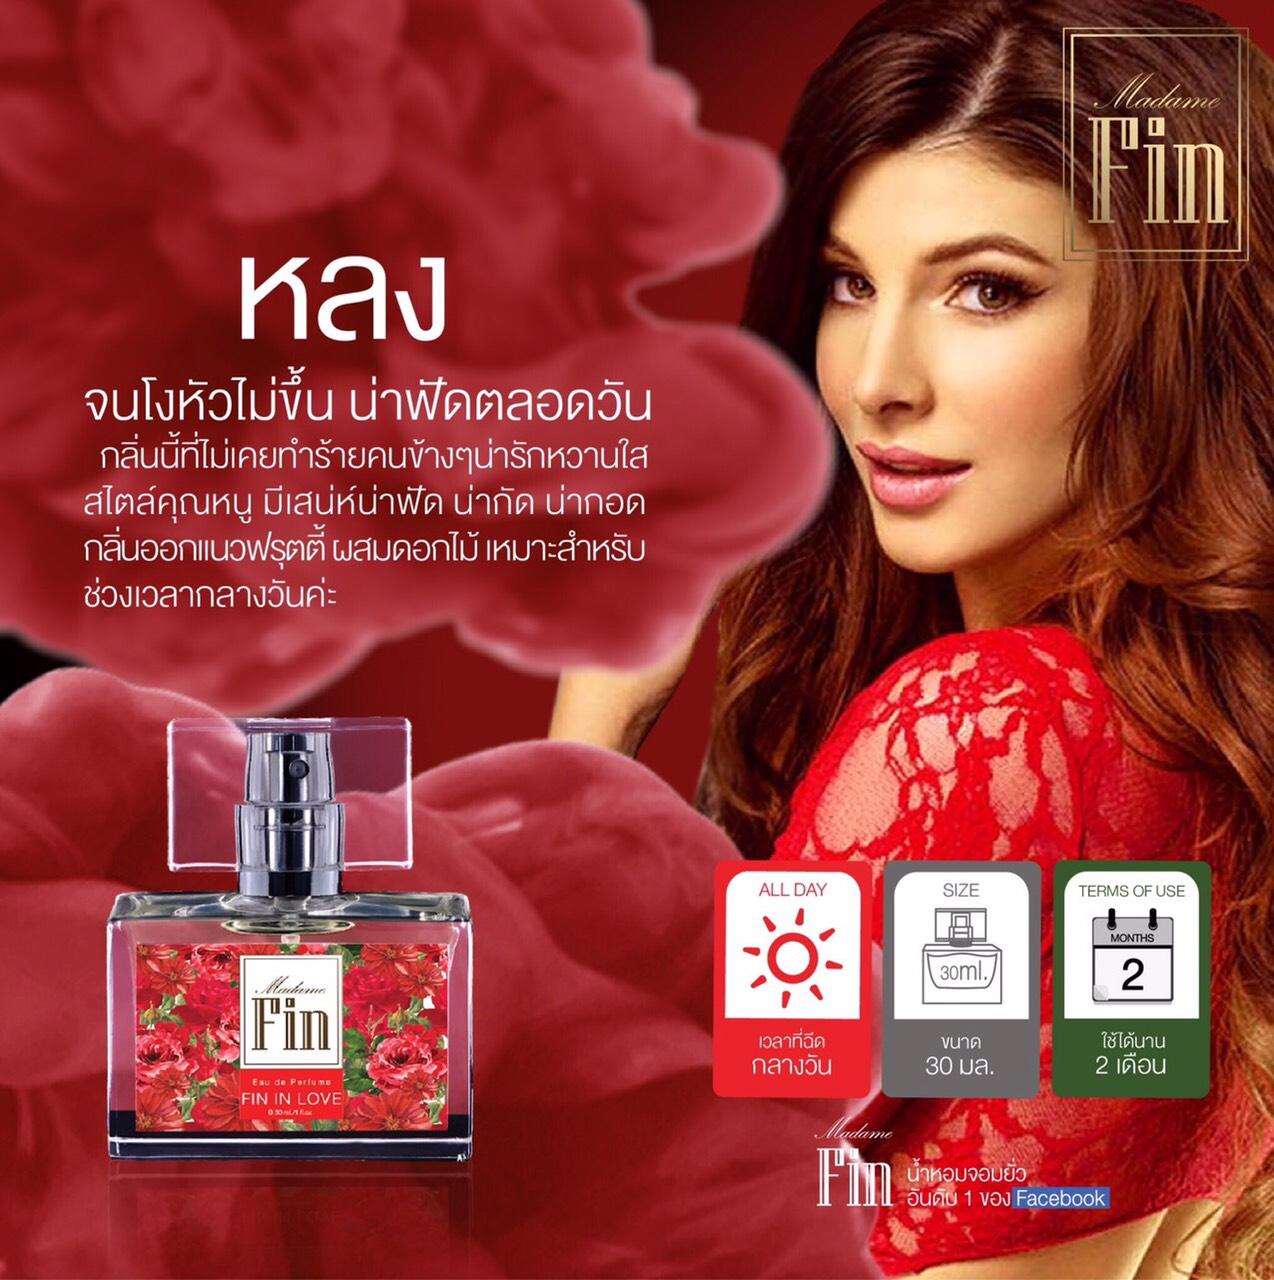 สีแดง ❤️ Fin in Love